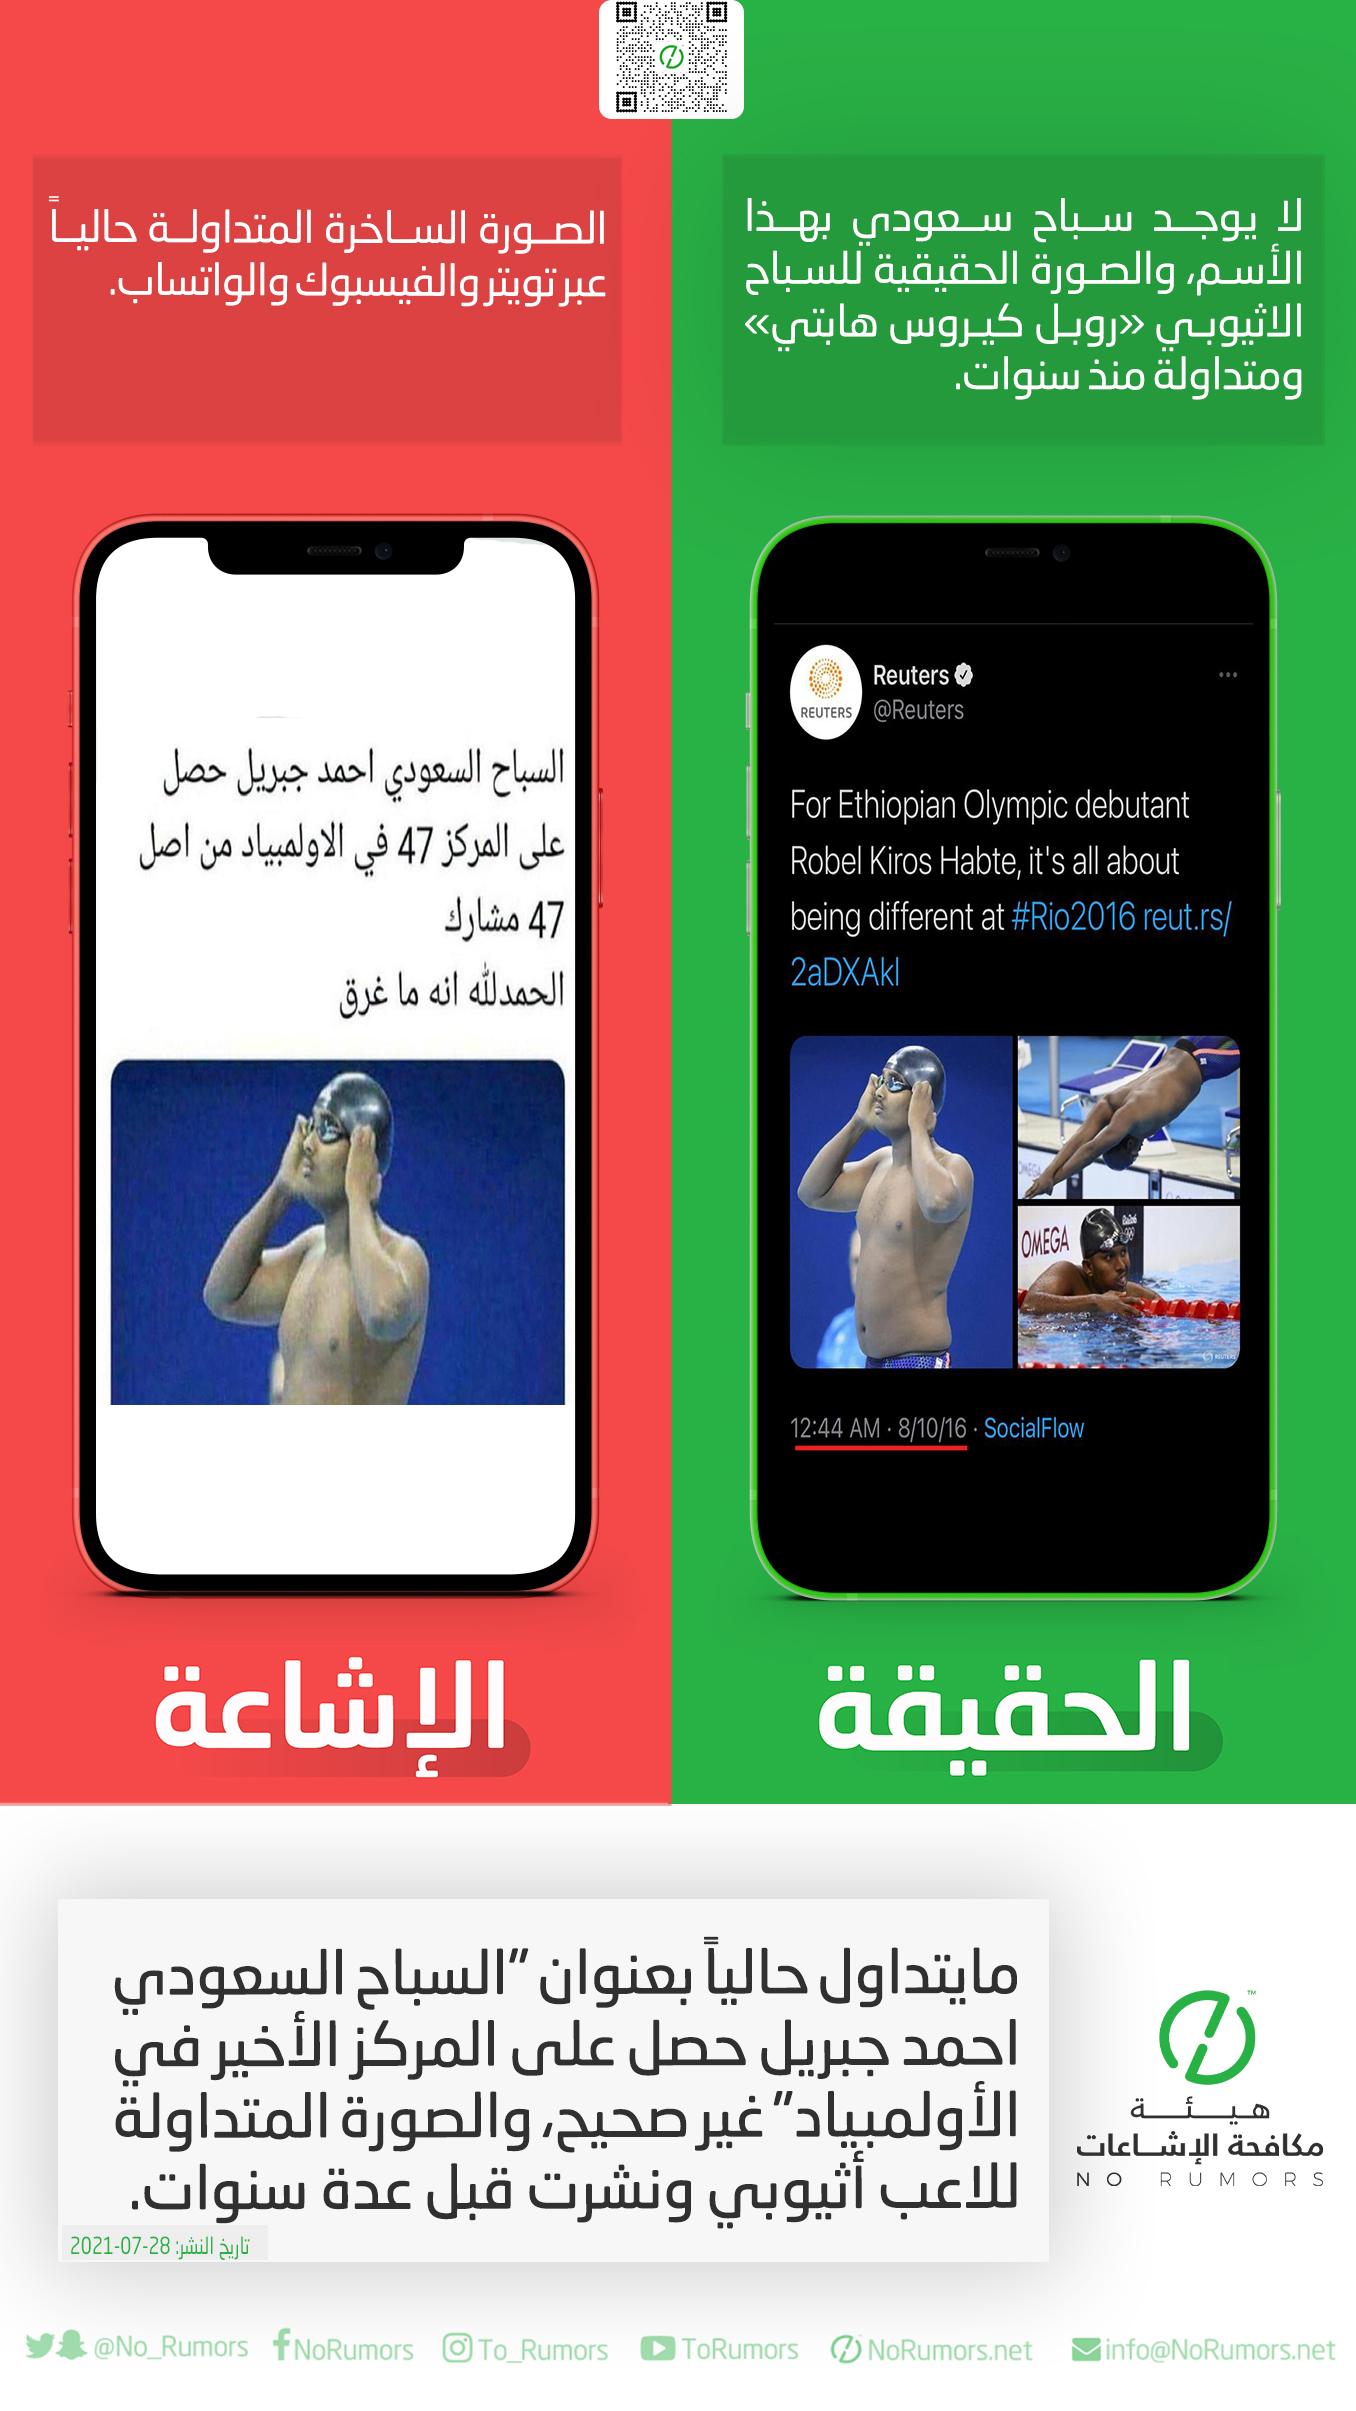 """حقيقة مايتداول حالياً بعنوان """"السباح السعودي احمد جبريل حصل على المركز الأخير في الأولمبياد"""""""